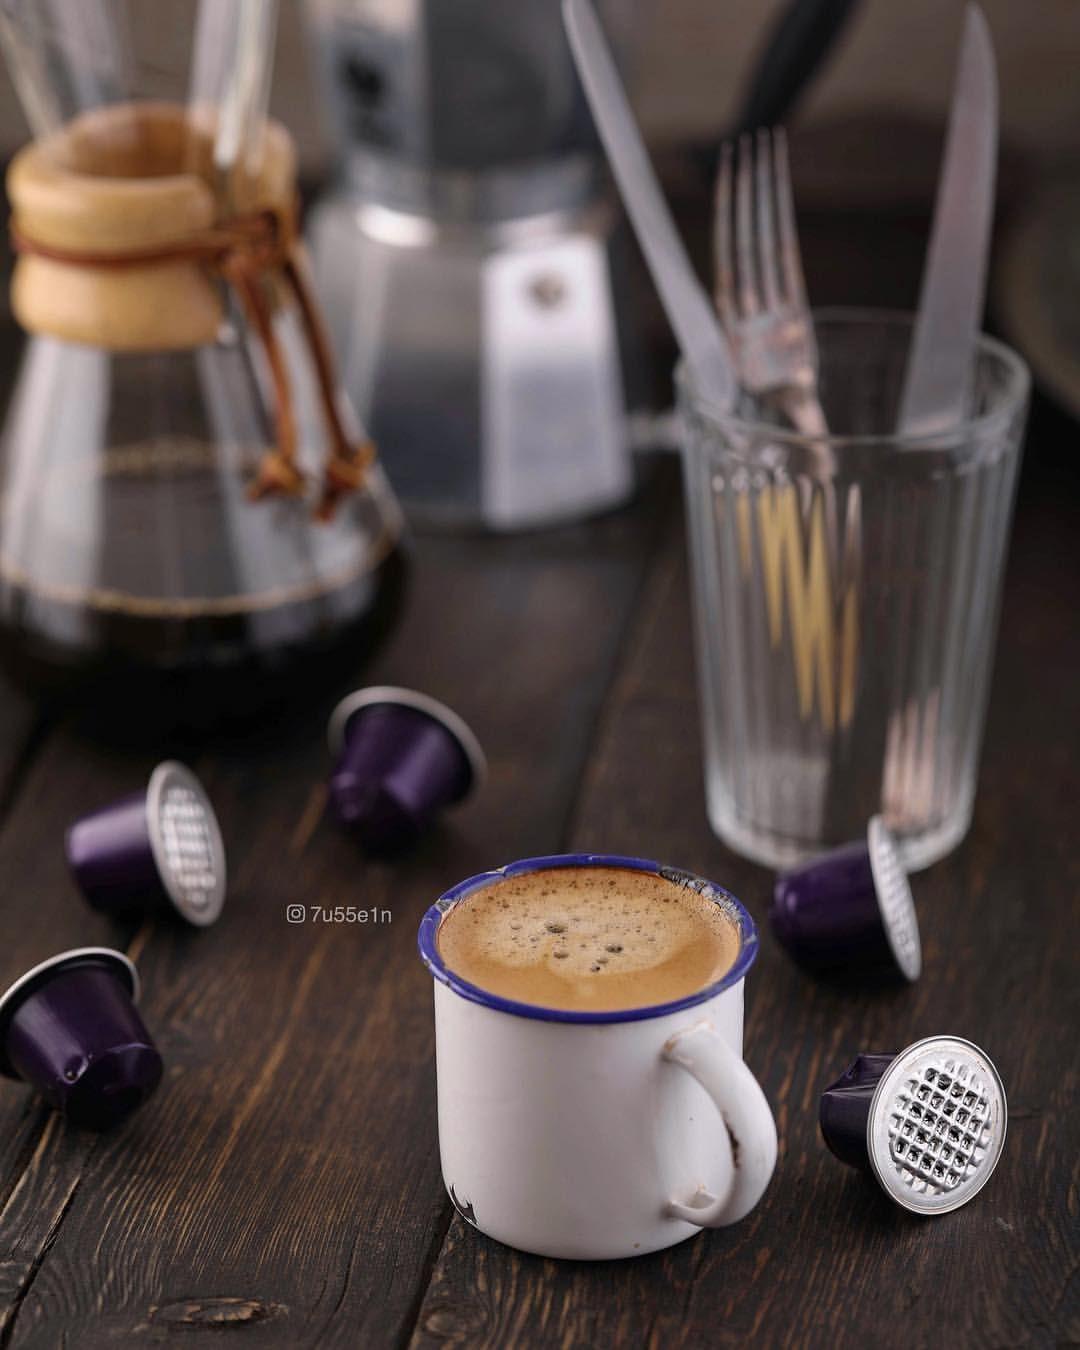 وتبقى القهوة هي الاوفى الصيف مع القهوة احلى Tableware Glassware Coffee